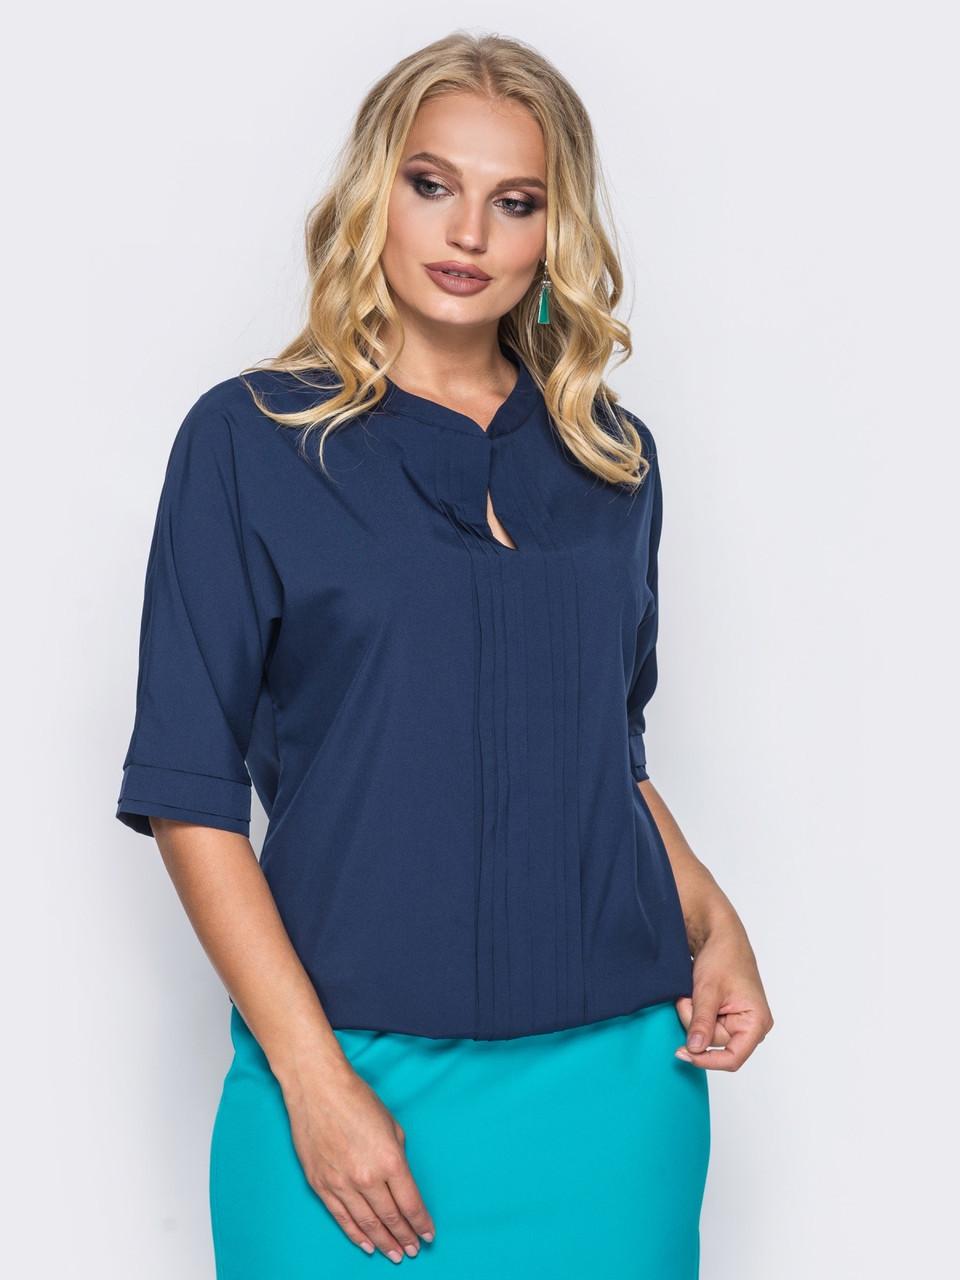 2e9fc39276e 👶Сдержанная синяя блузка с цельнокроеным рукавом (низ на резинке)   Размер  50